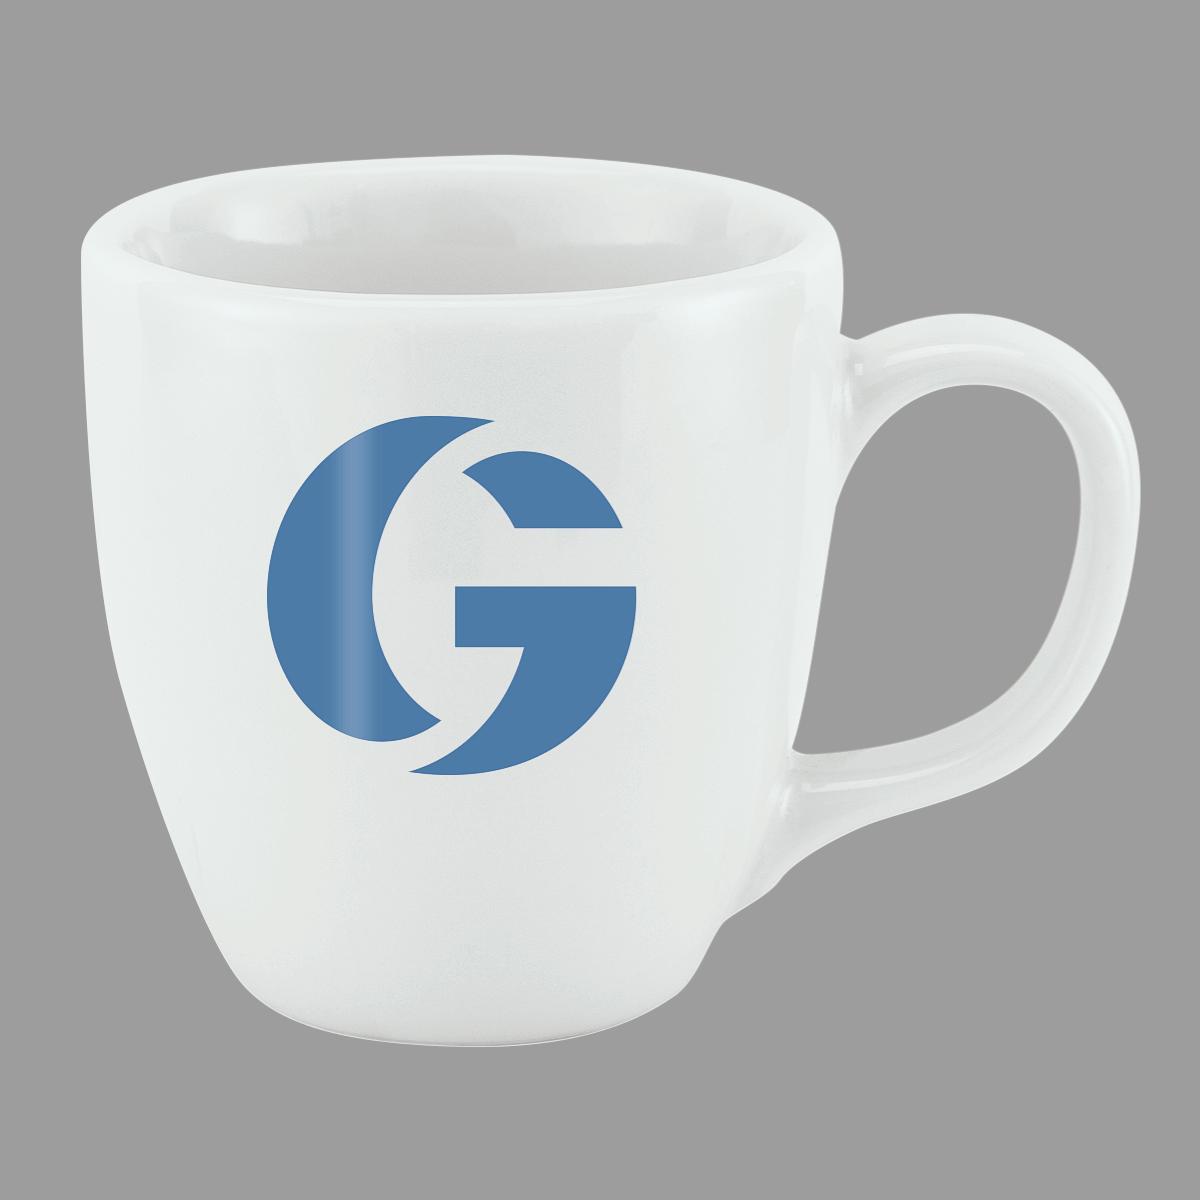 Gastro Druck_G blau